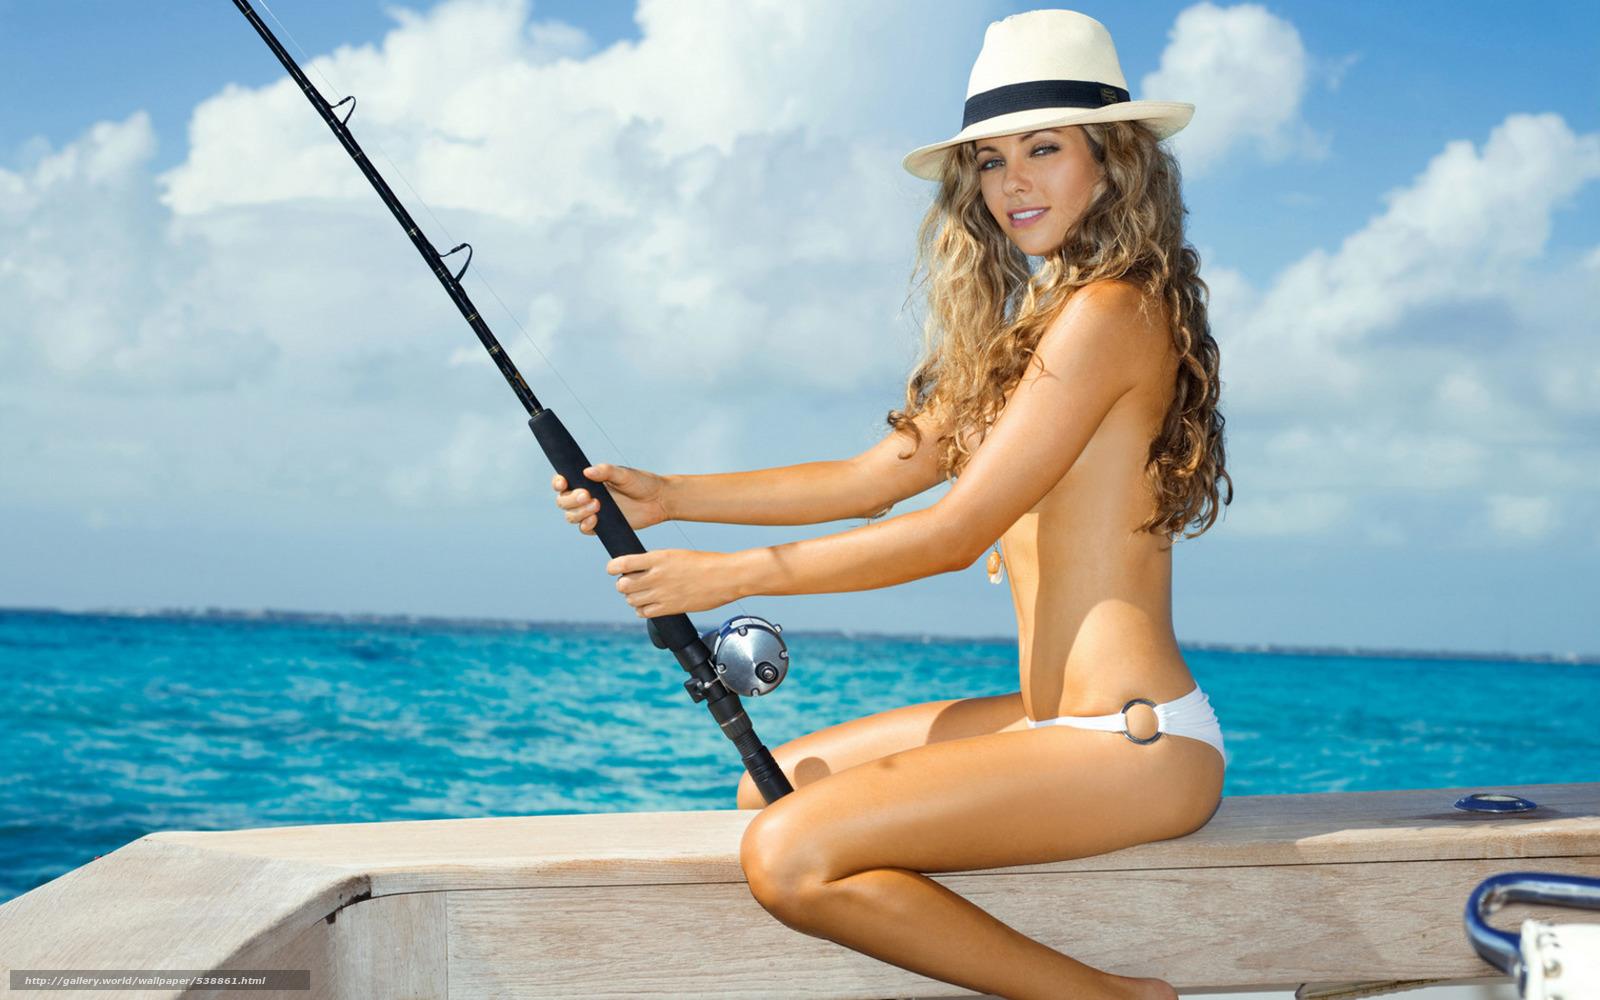 Сексуальные девченки на рыбалке 17 фотография